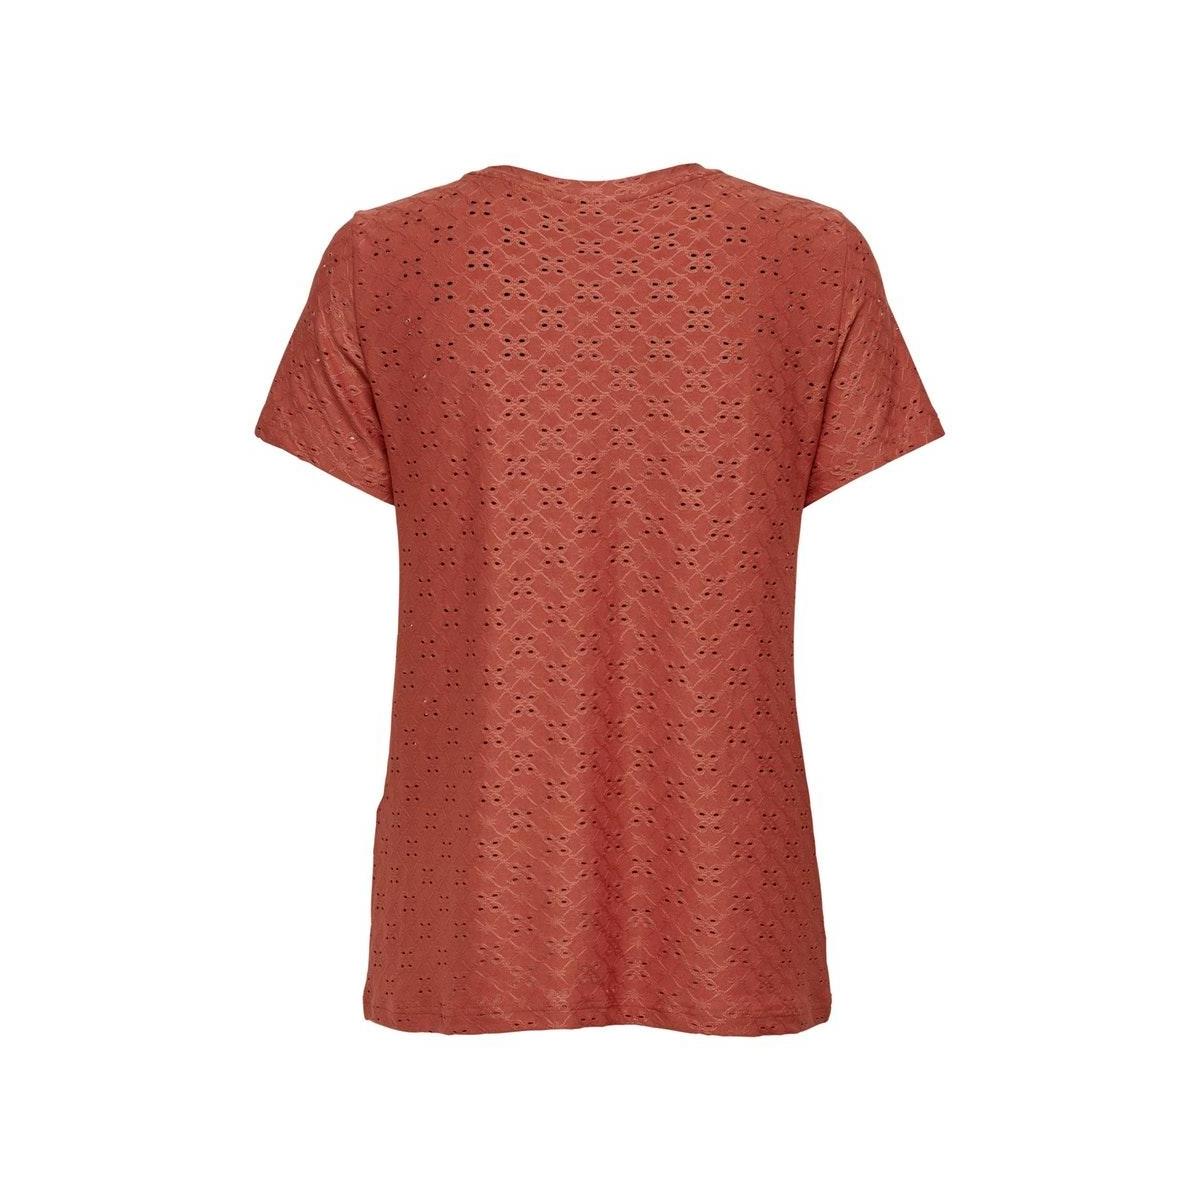 jdycathinka s/s tag top jrs noos 15158450 jacqueline de yong t-shirt hot sauce